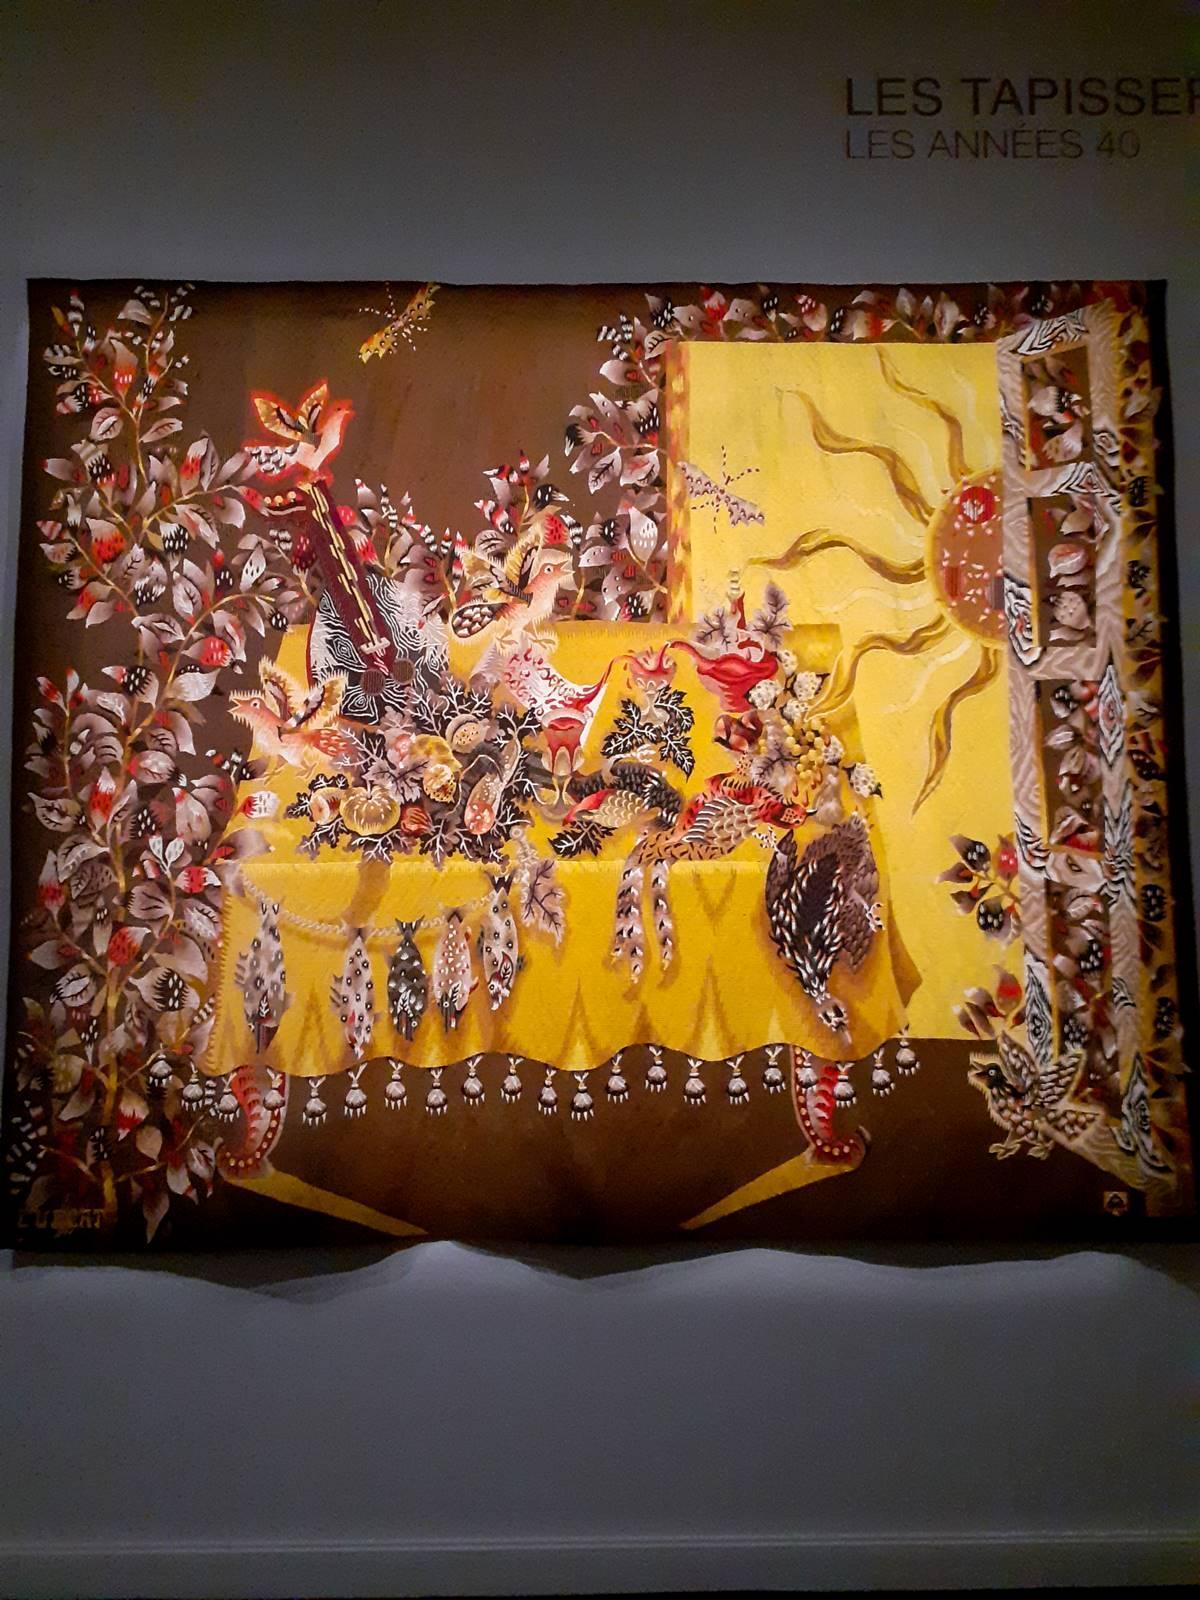 On a visite le musee jean lurcat et de la tapisserie contemporainepsx 20210627 153449